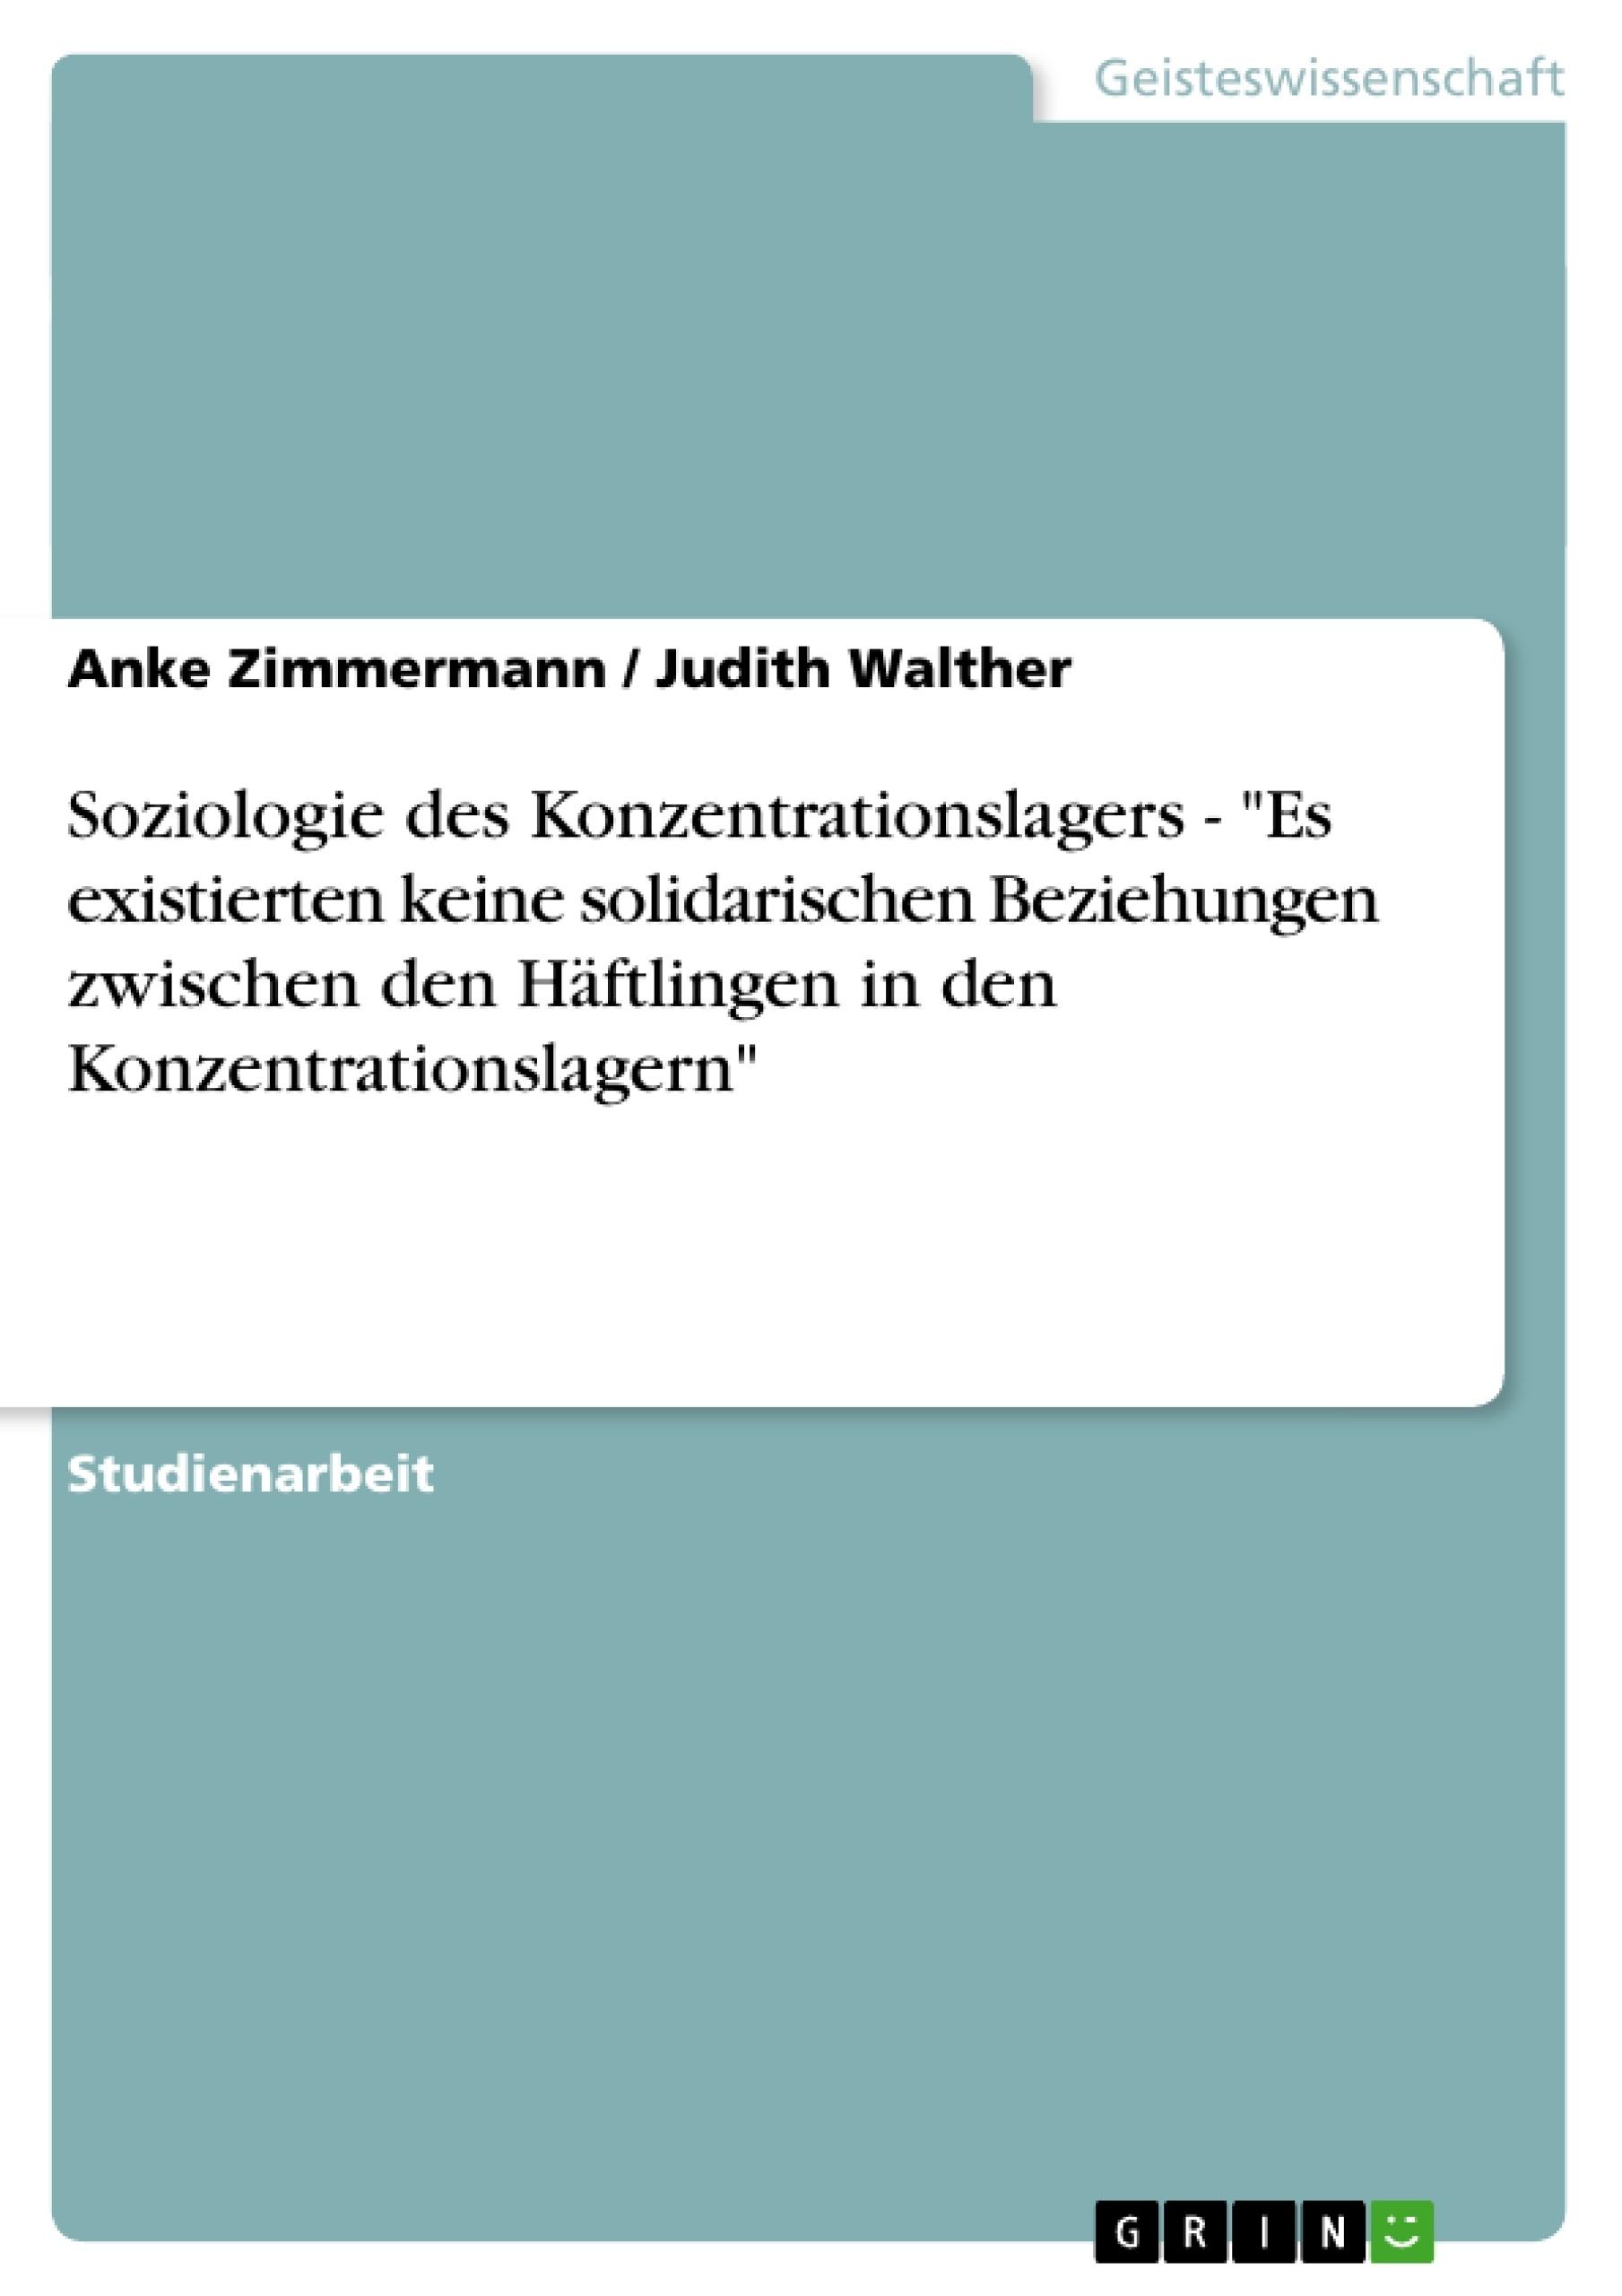 """Titel: Soziologie des Konzentrationslagers - """"Es existierten keine solidarischen Beziehungen zwischen den Häftlingen in den Konzentrationslagern"""""""